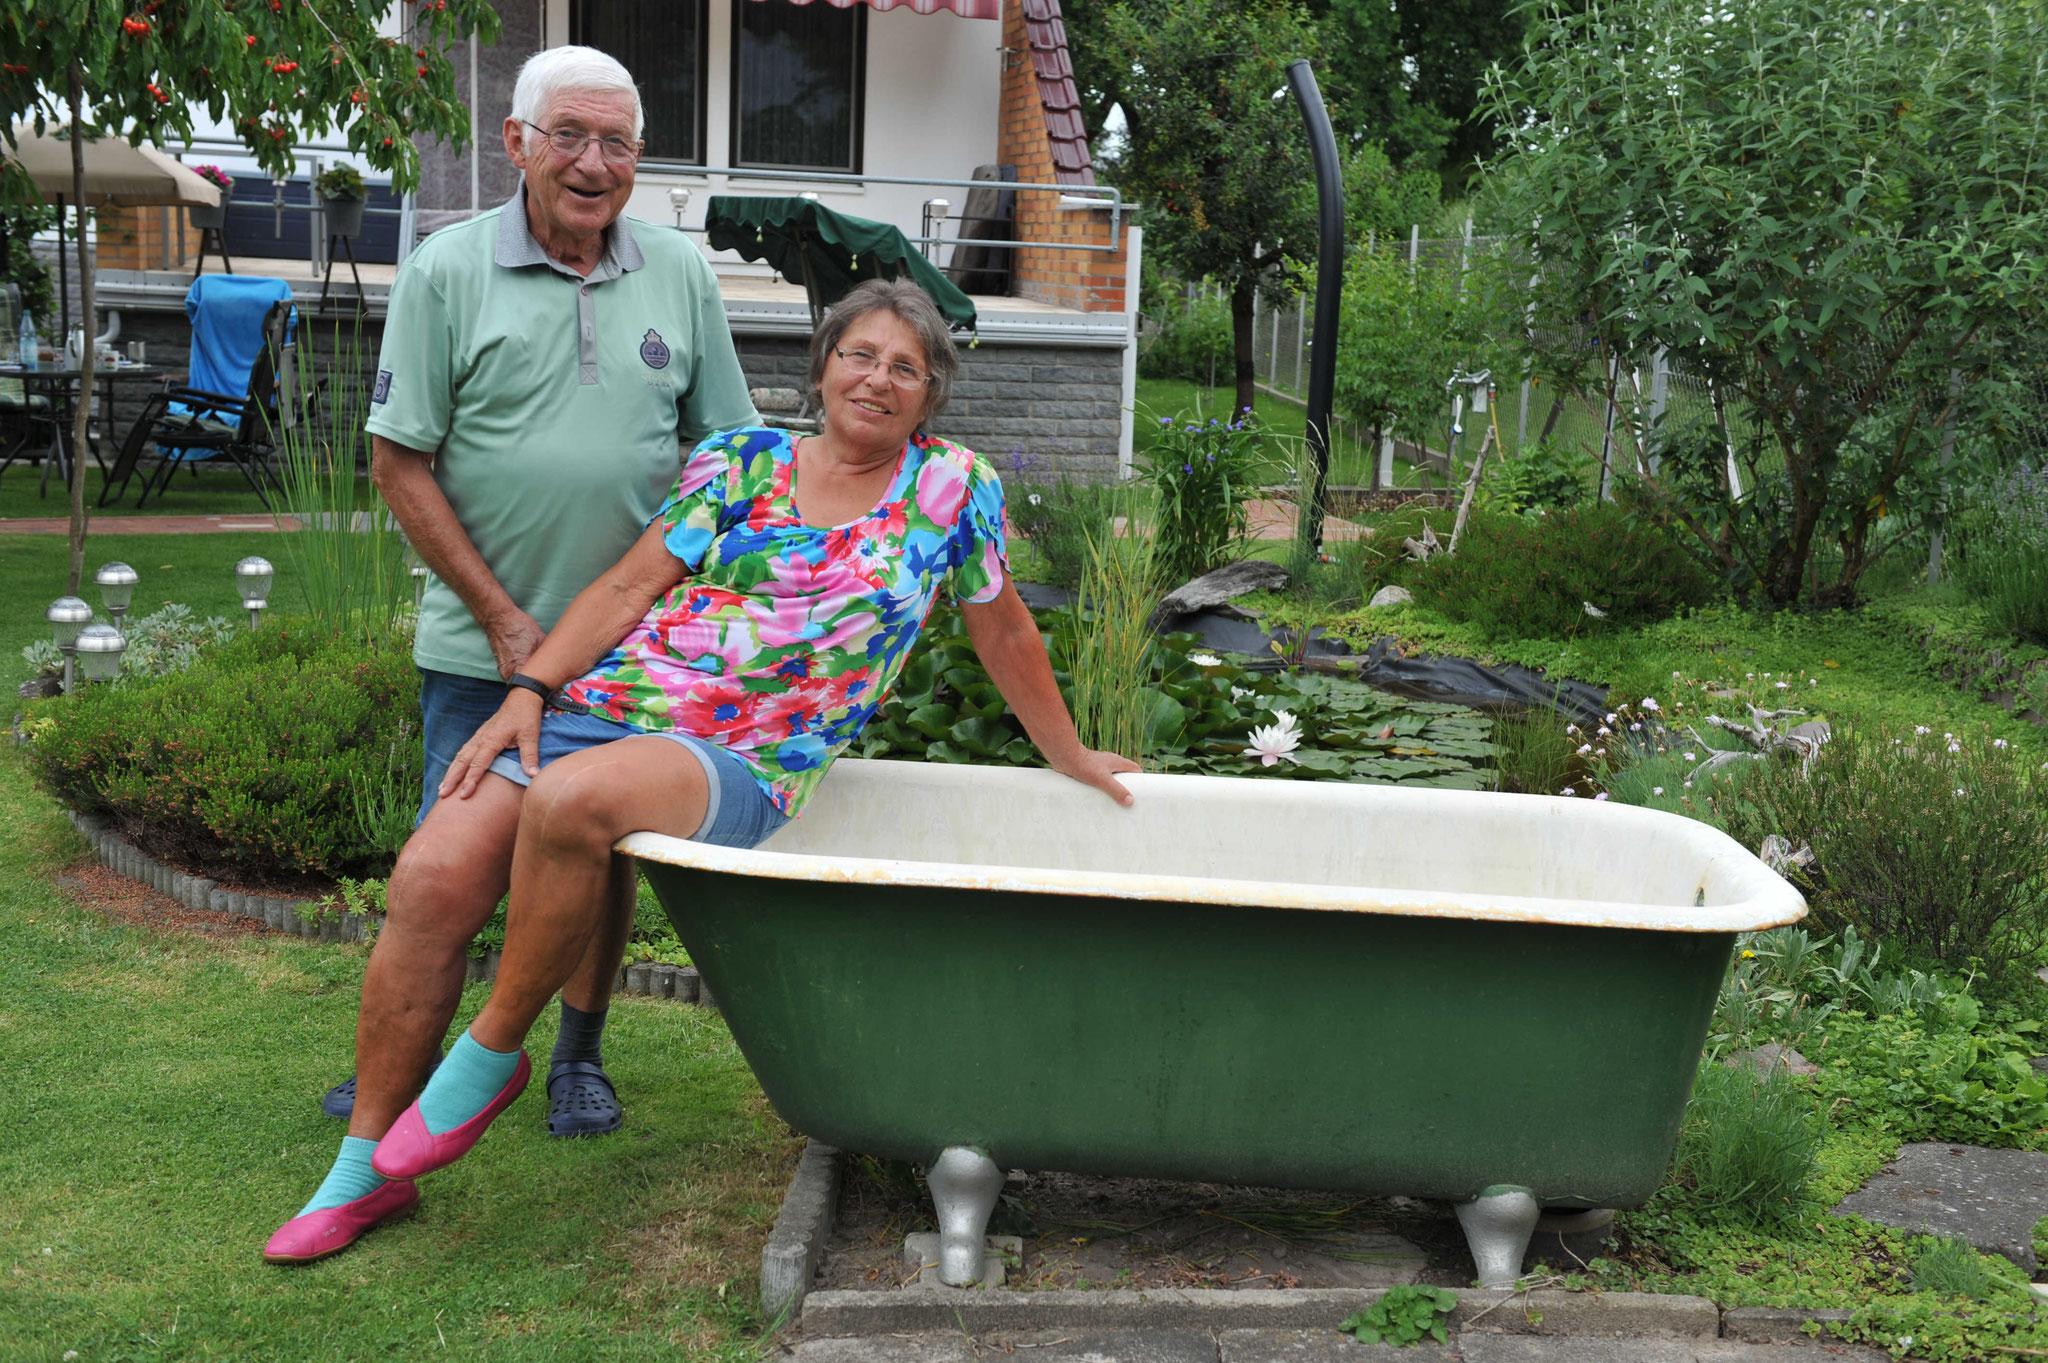 Die grüne Emaille-Badewanne steht schon  seit 1978 im Garten. © pressefoto-uhlemann.de